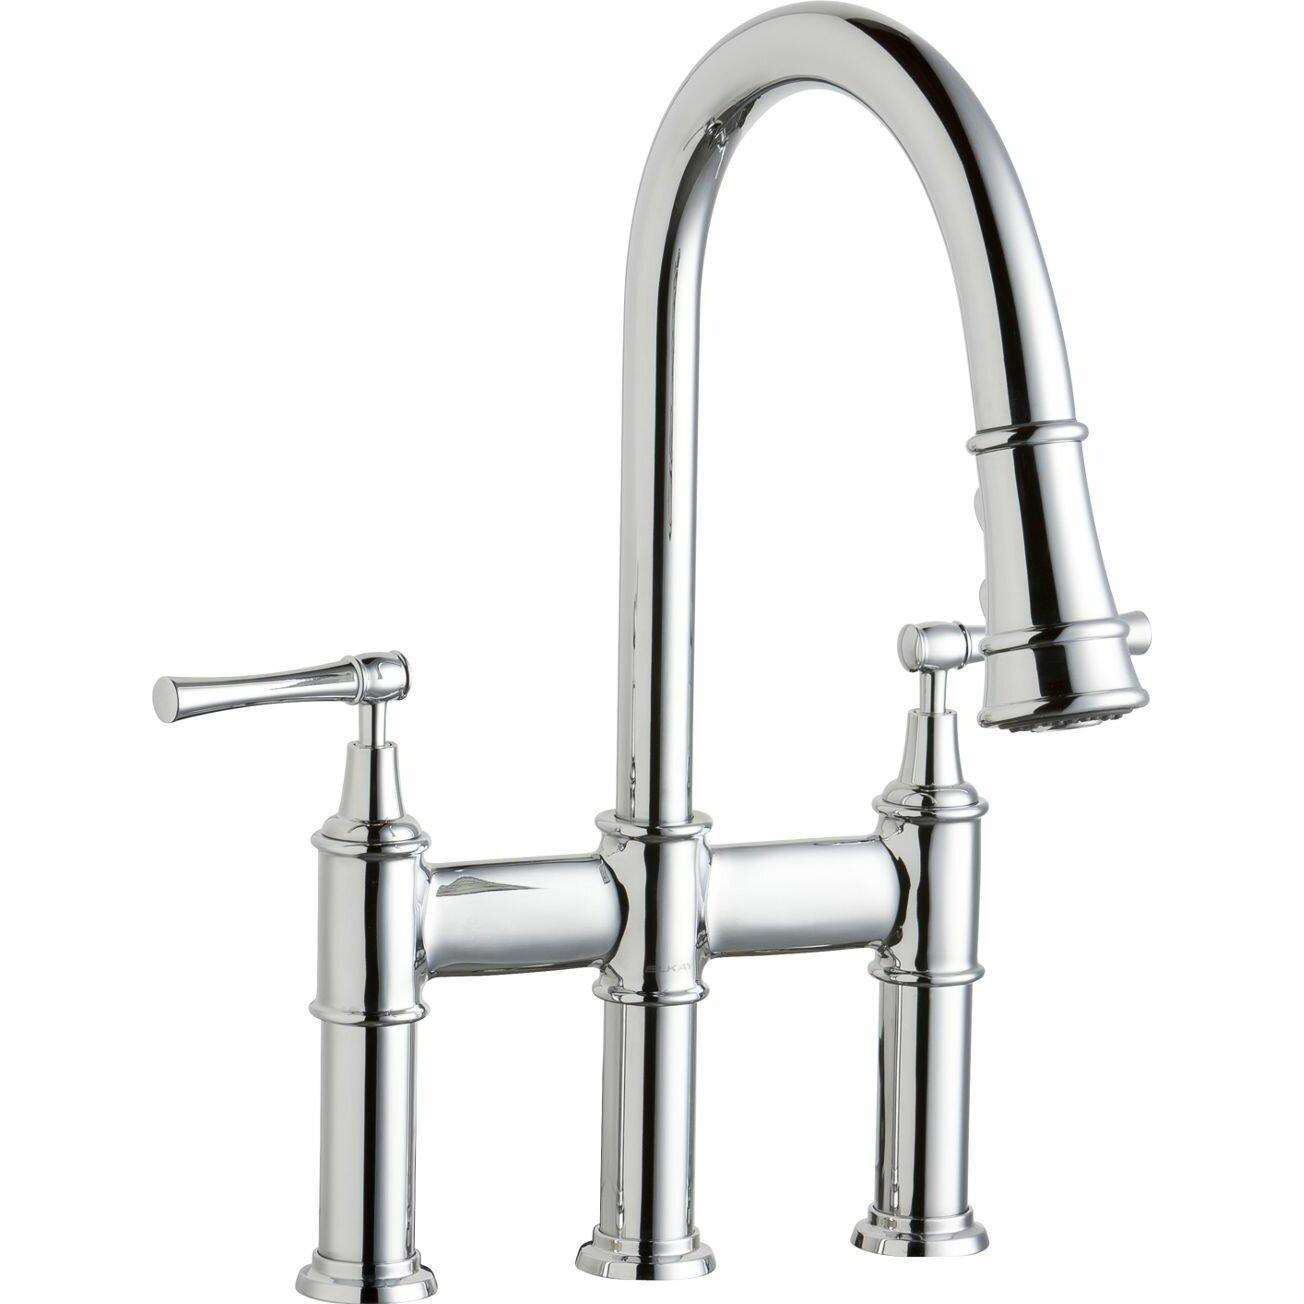 elkay kitchen faucet reviews - 28 images - 100 elkay kitchen faucet ...